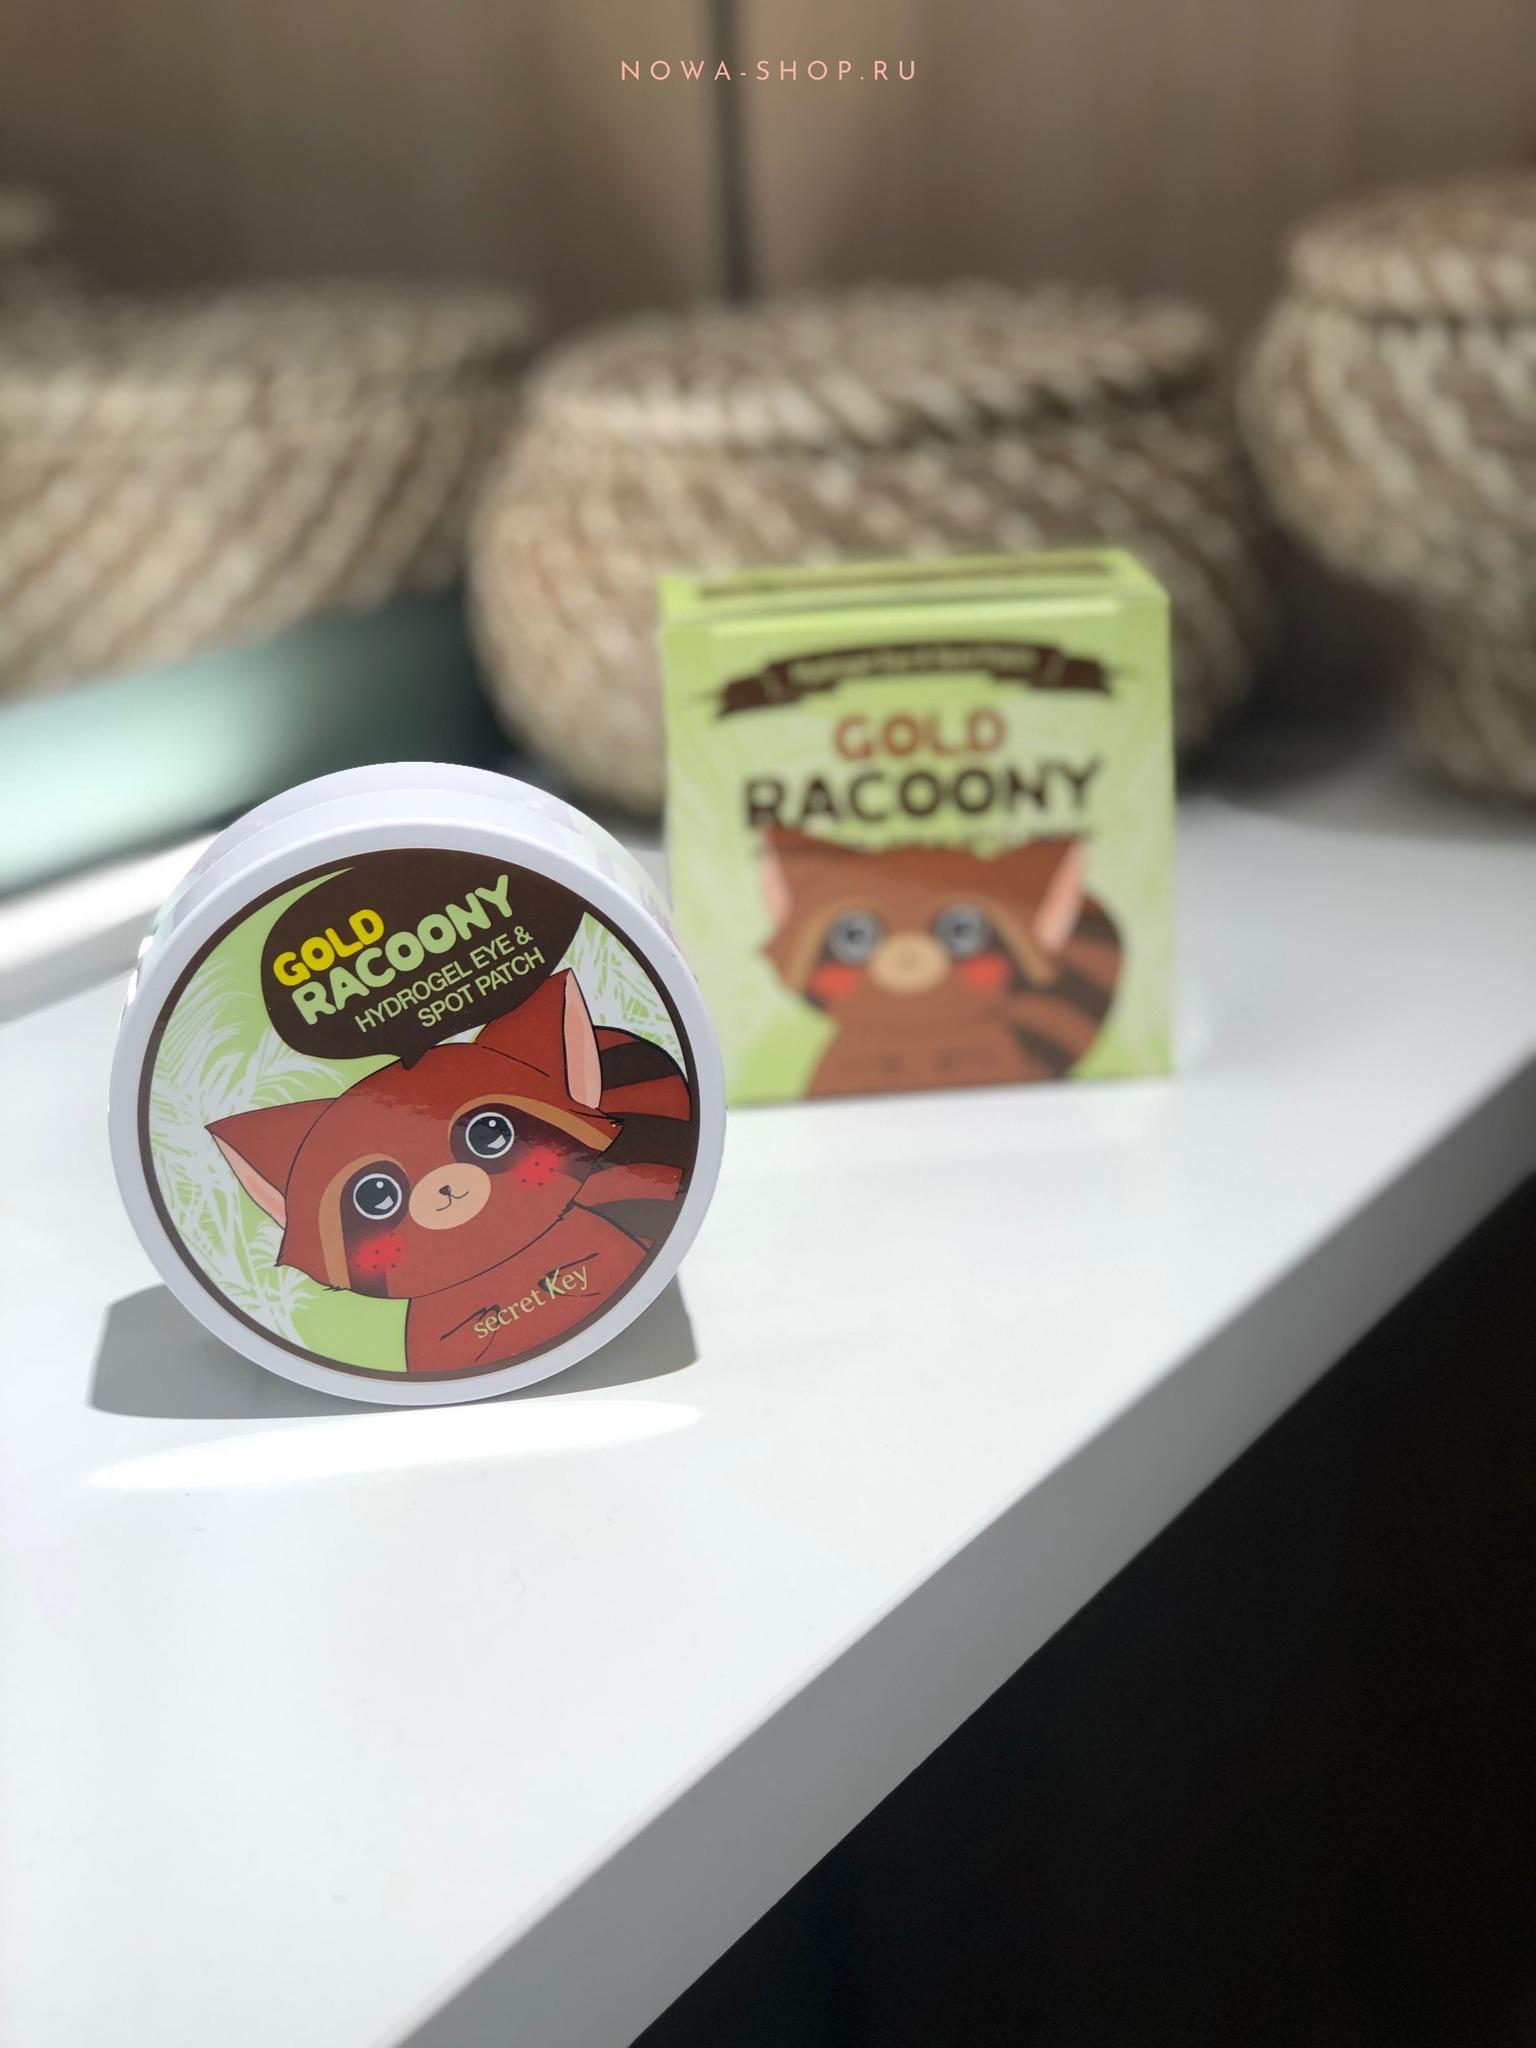 Secret Key Gold Racoony Hydrogel Eye & Spot Patch - Гидрогелевые патчи, которые за считанные часы приведут в тонус кожу любой усталости